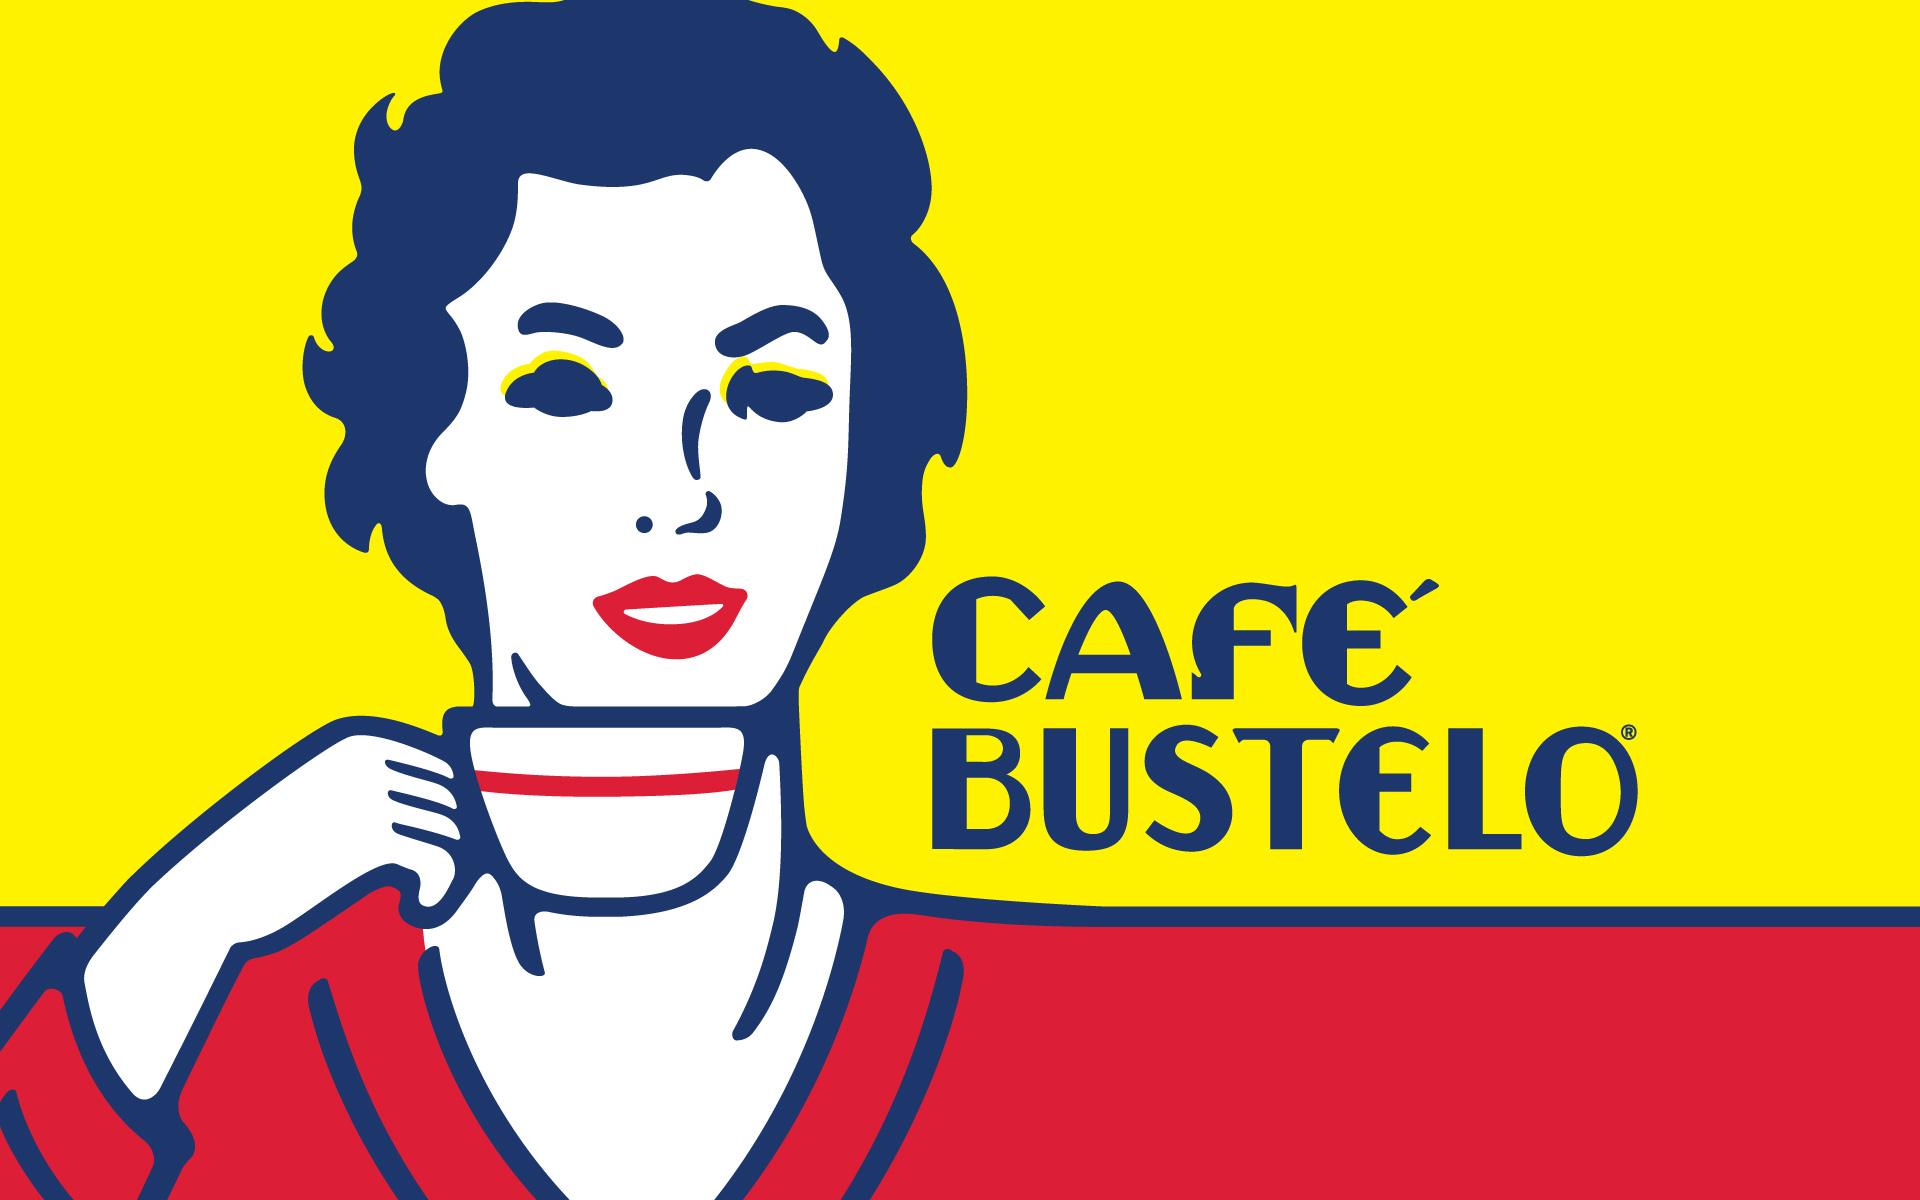 Cafe Bustelo - Brand Identity